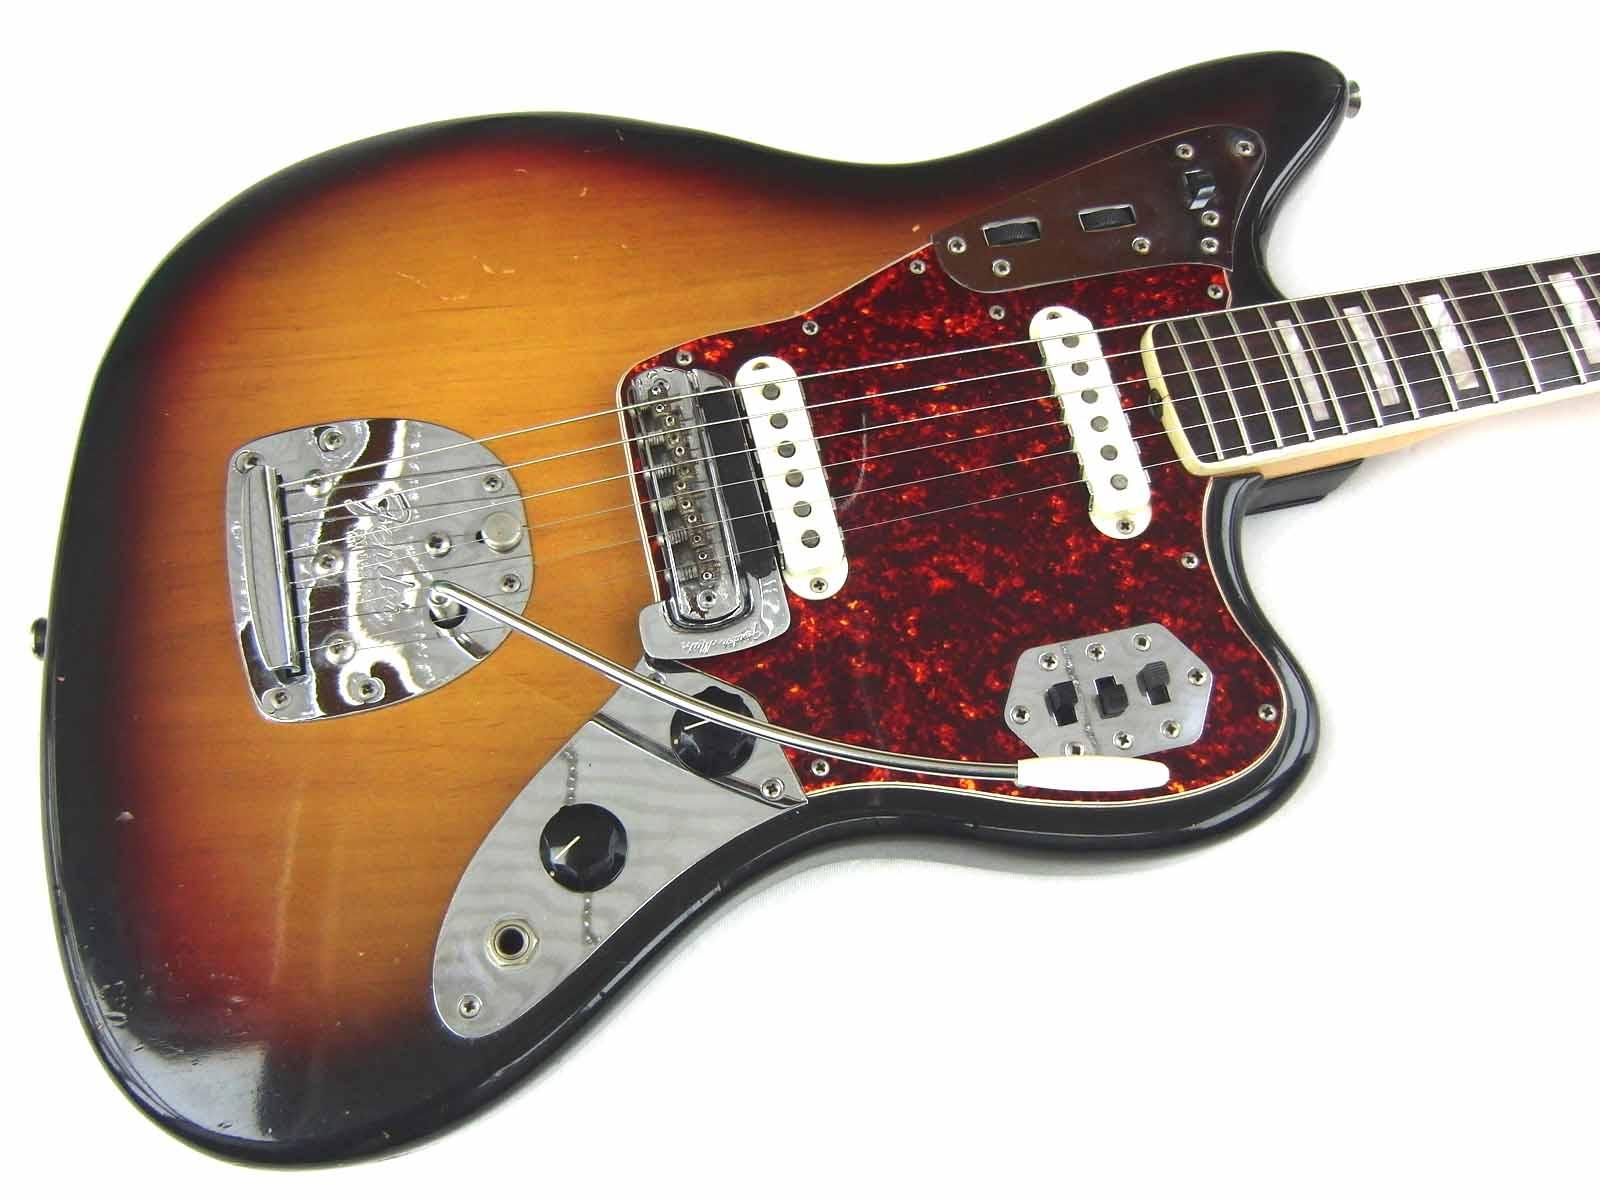 fender jaguar 1973 sunburst guitar for sale wutzdog guitars. Black Bedroom Furniture Sets. Home Design Ideas